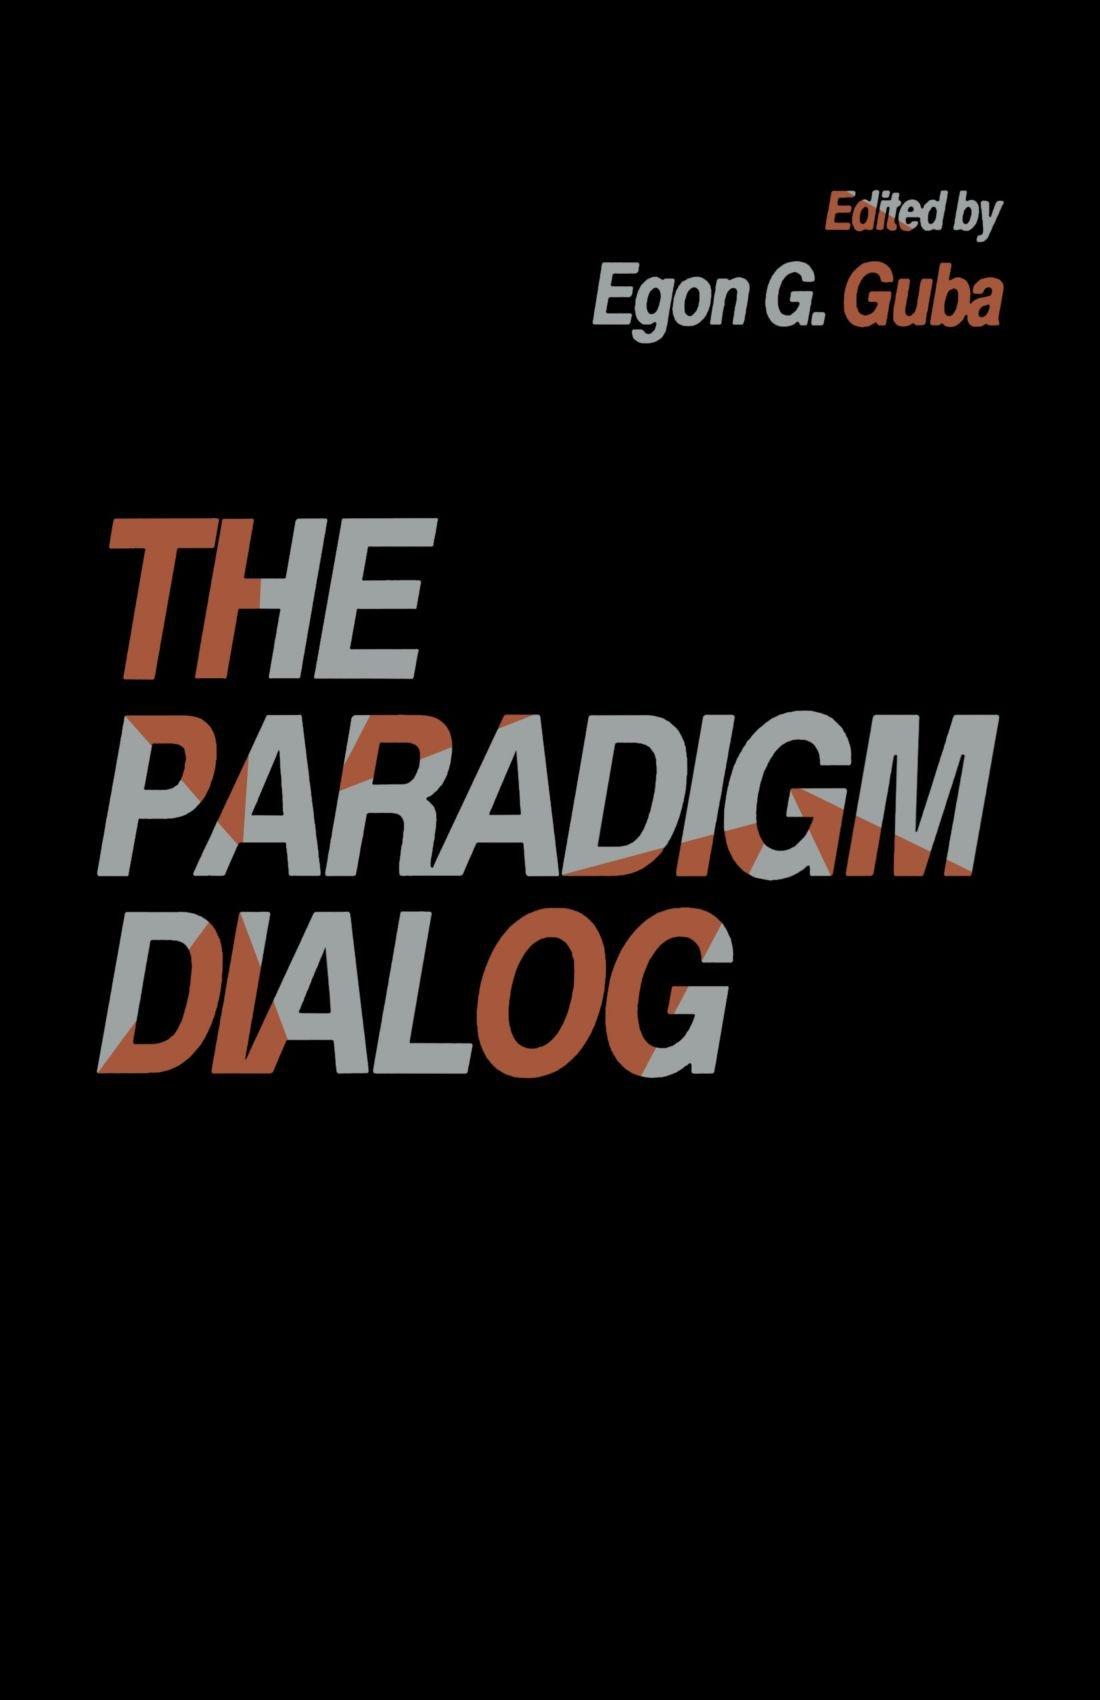 Paradigm Dialog